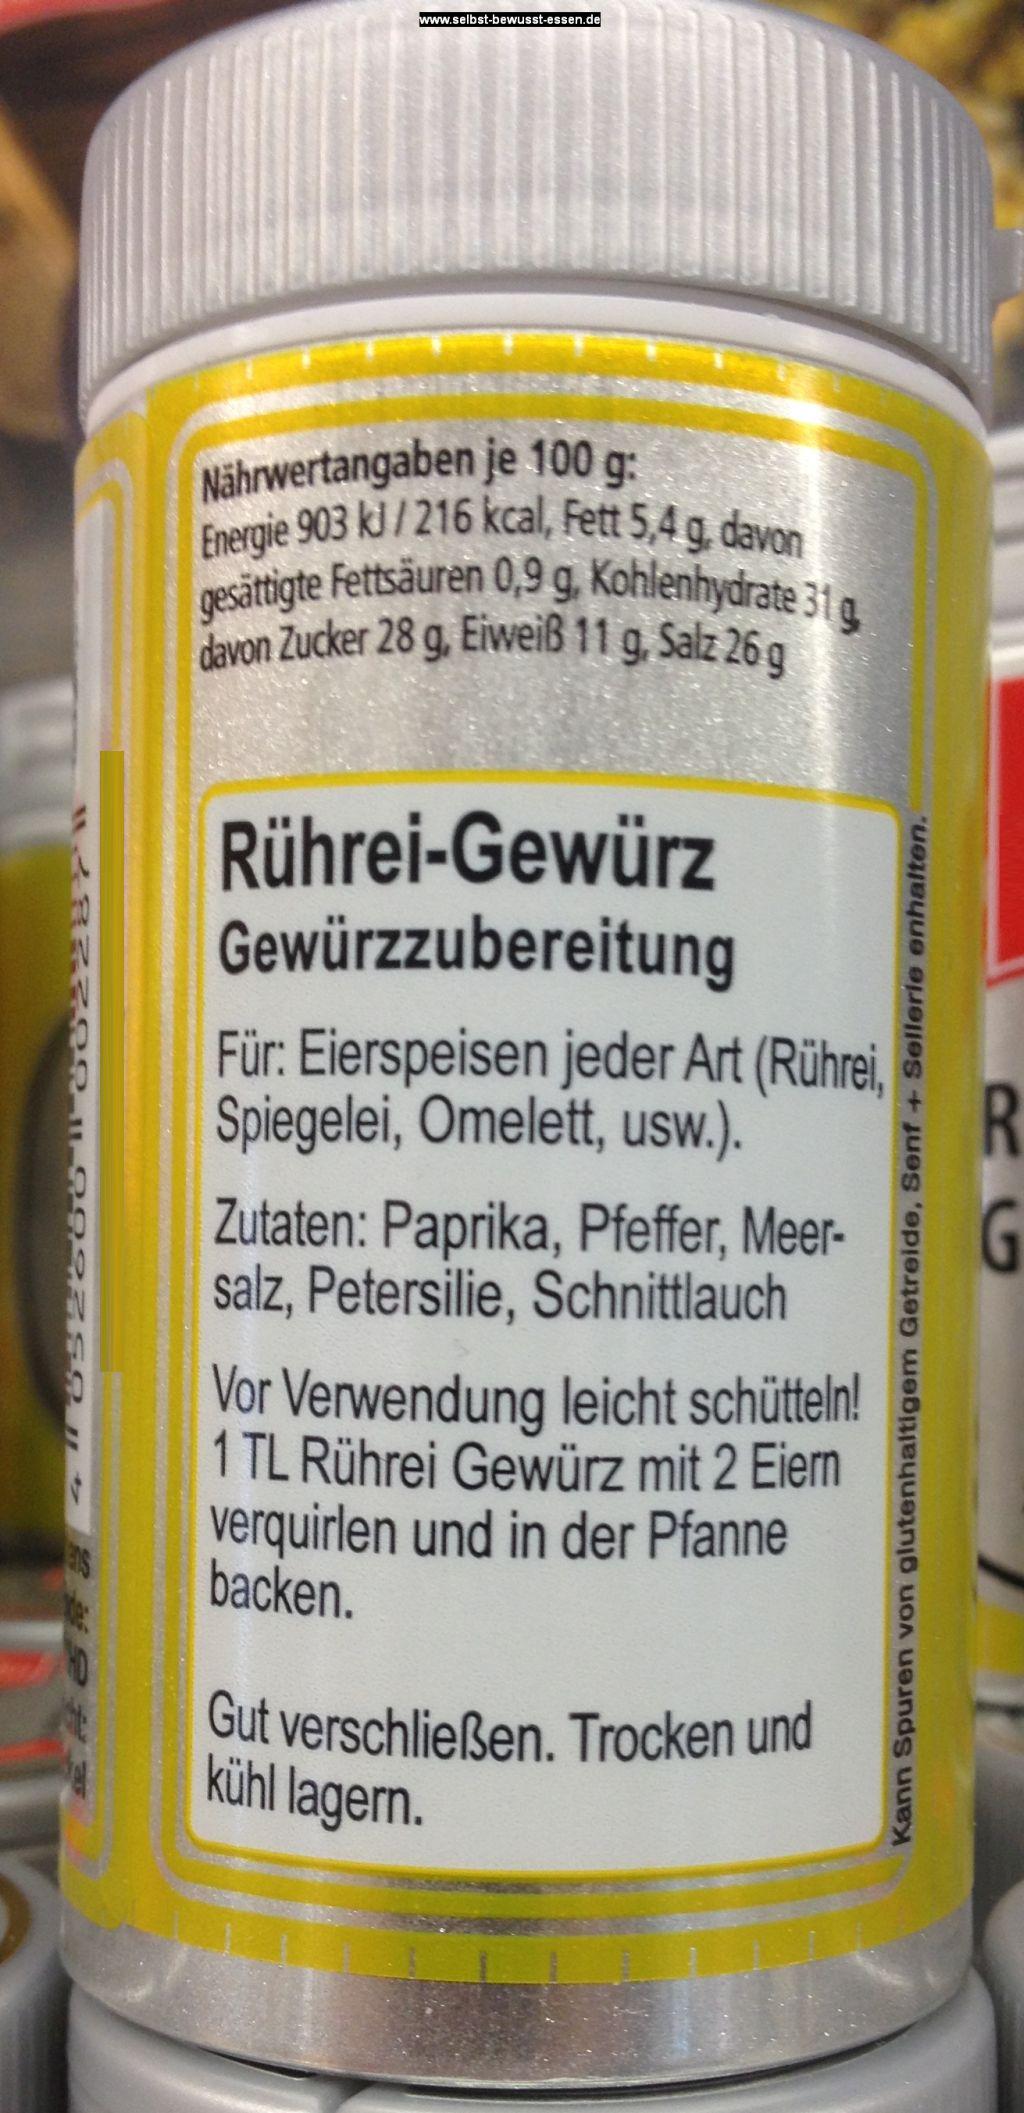 Rührei-Gewürz 2